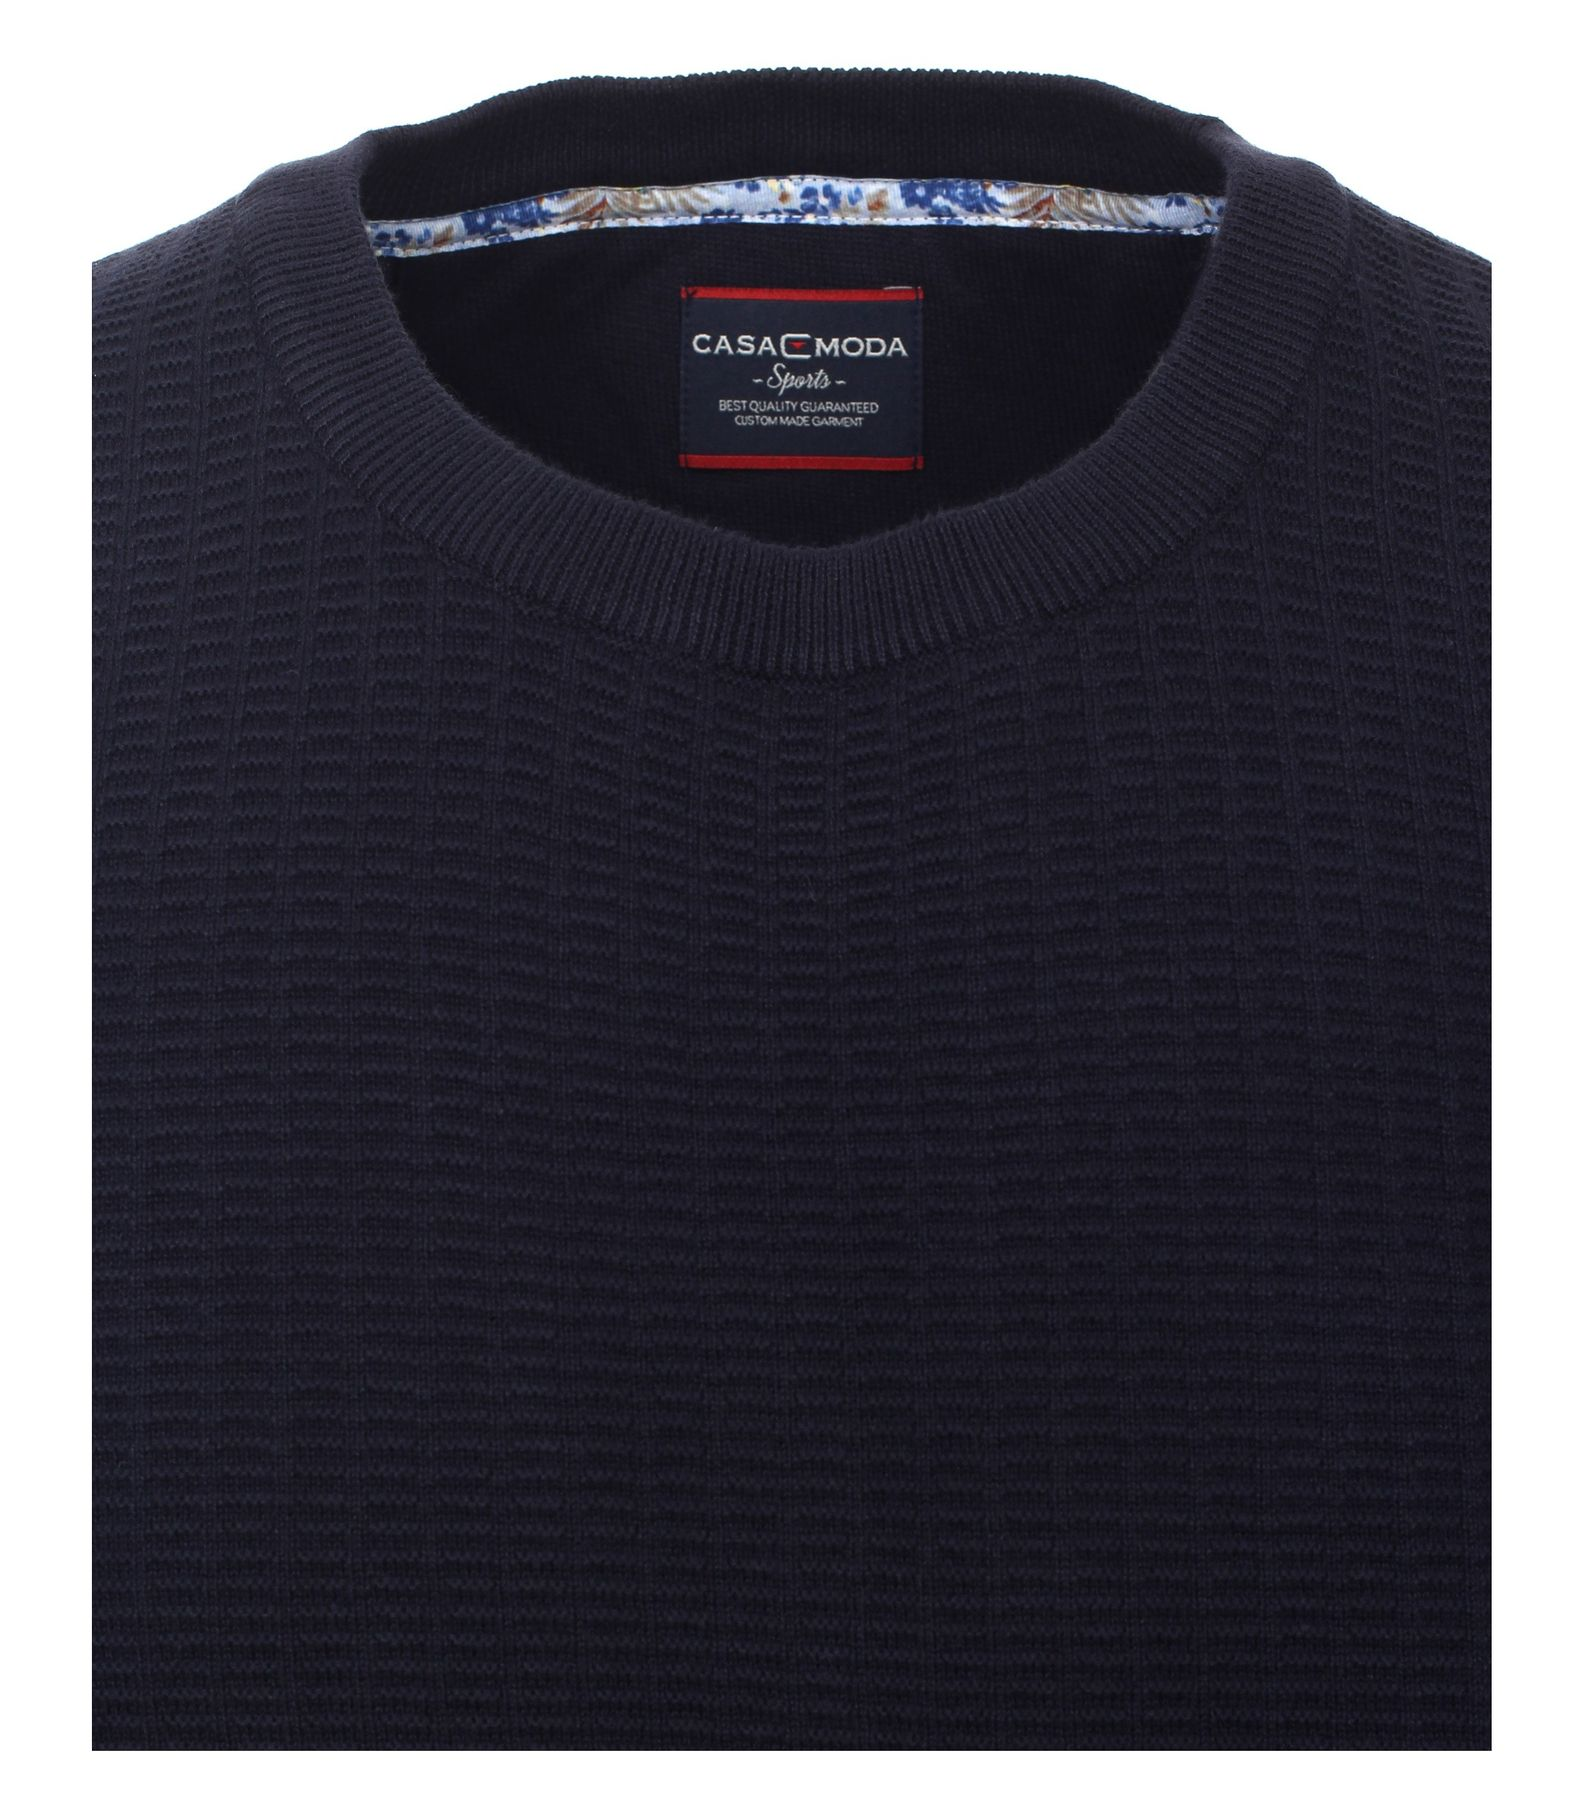 Casa Moda - Herren Pullover mit Rundhalsausschnitt und modischem Webmuster in Blau und Orange  (472625300A) – Bild 3